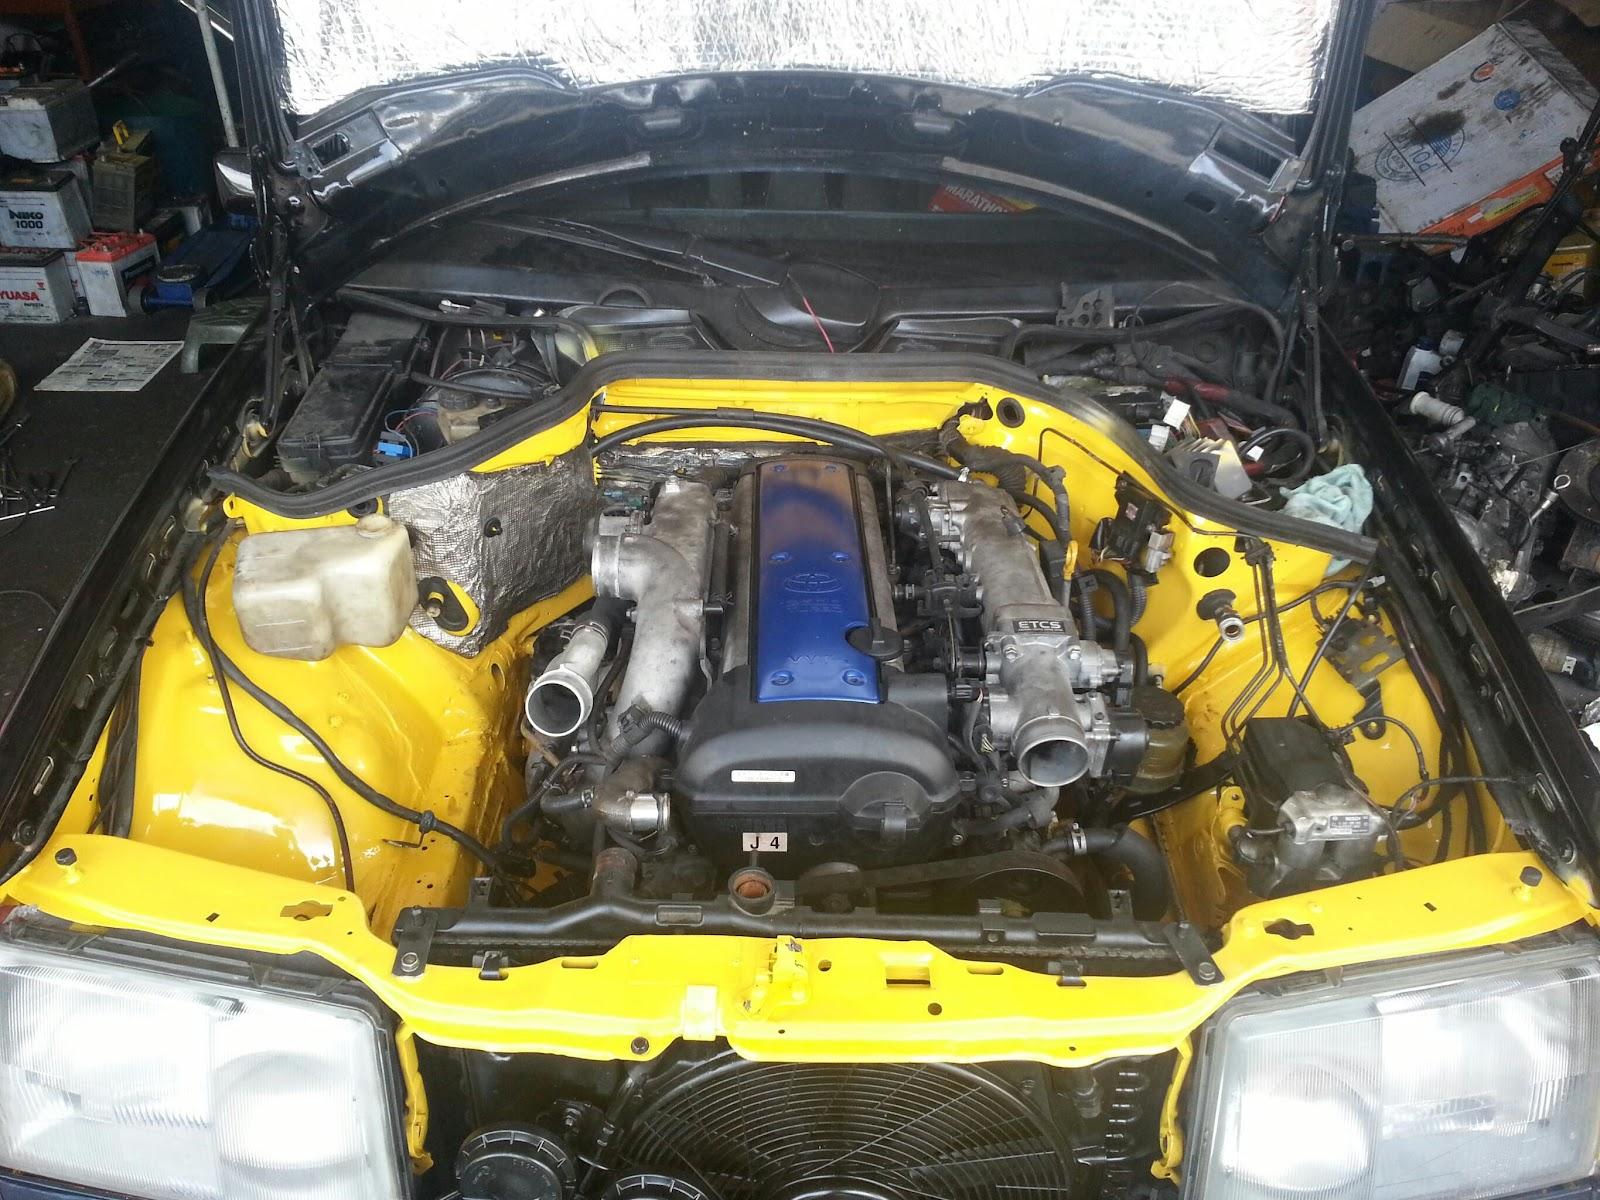 1JZ GTE VVTI - W124